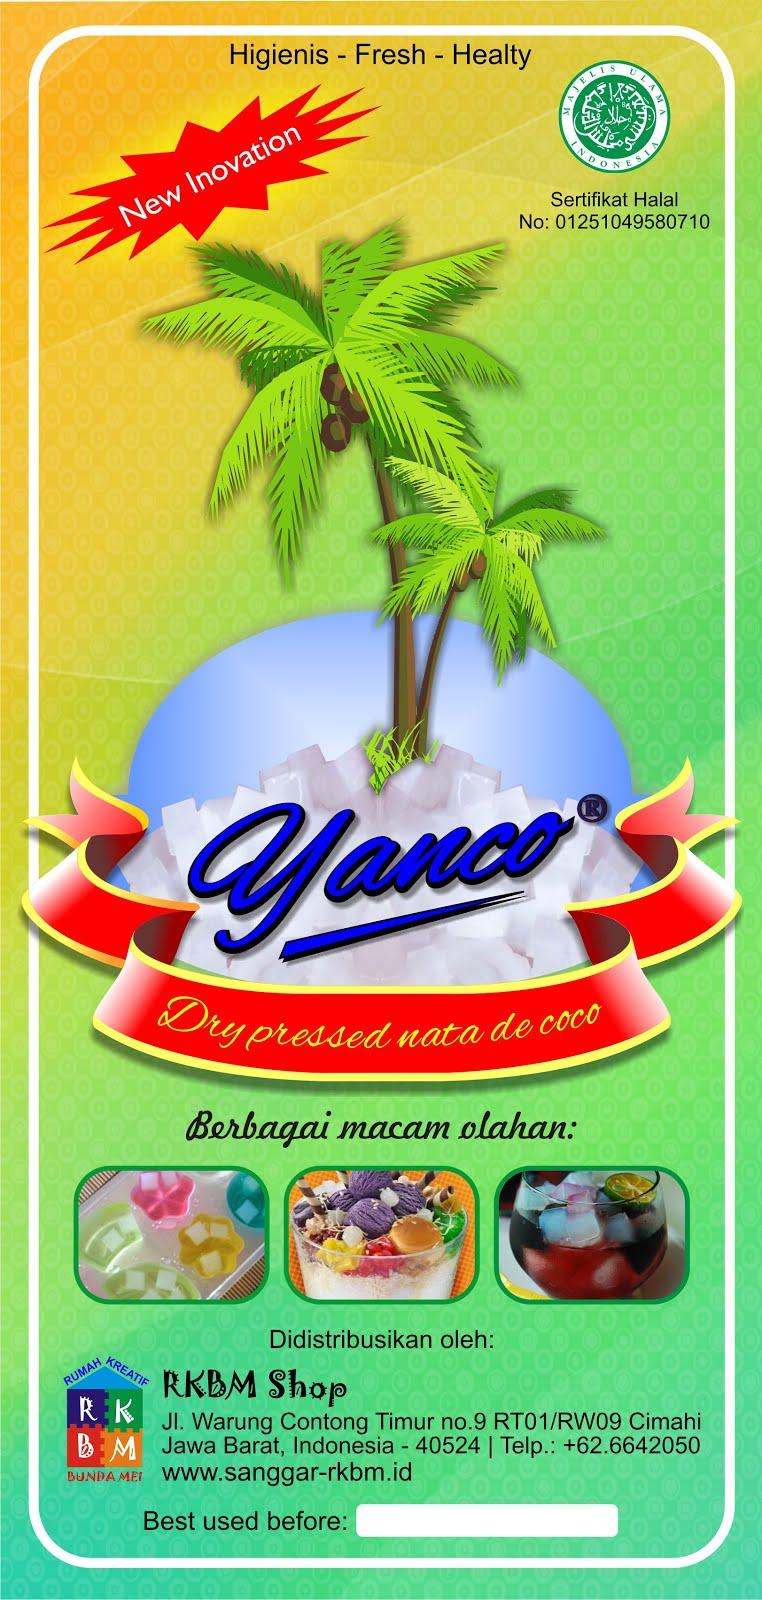 Panduan Mengolah Yanco Nata de Coco